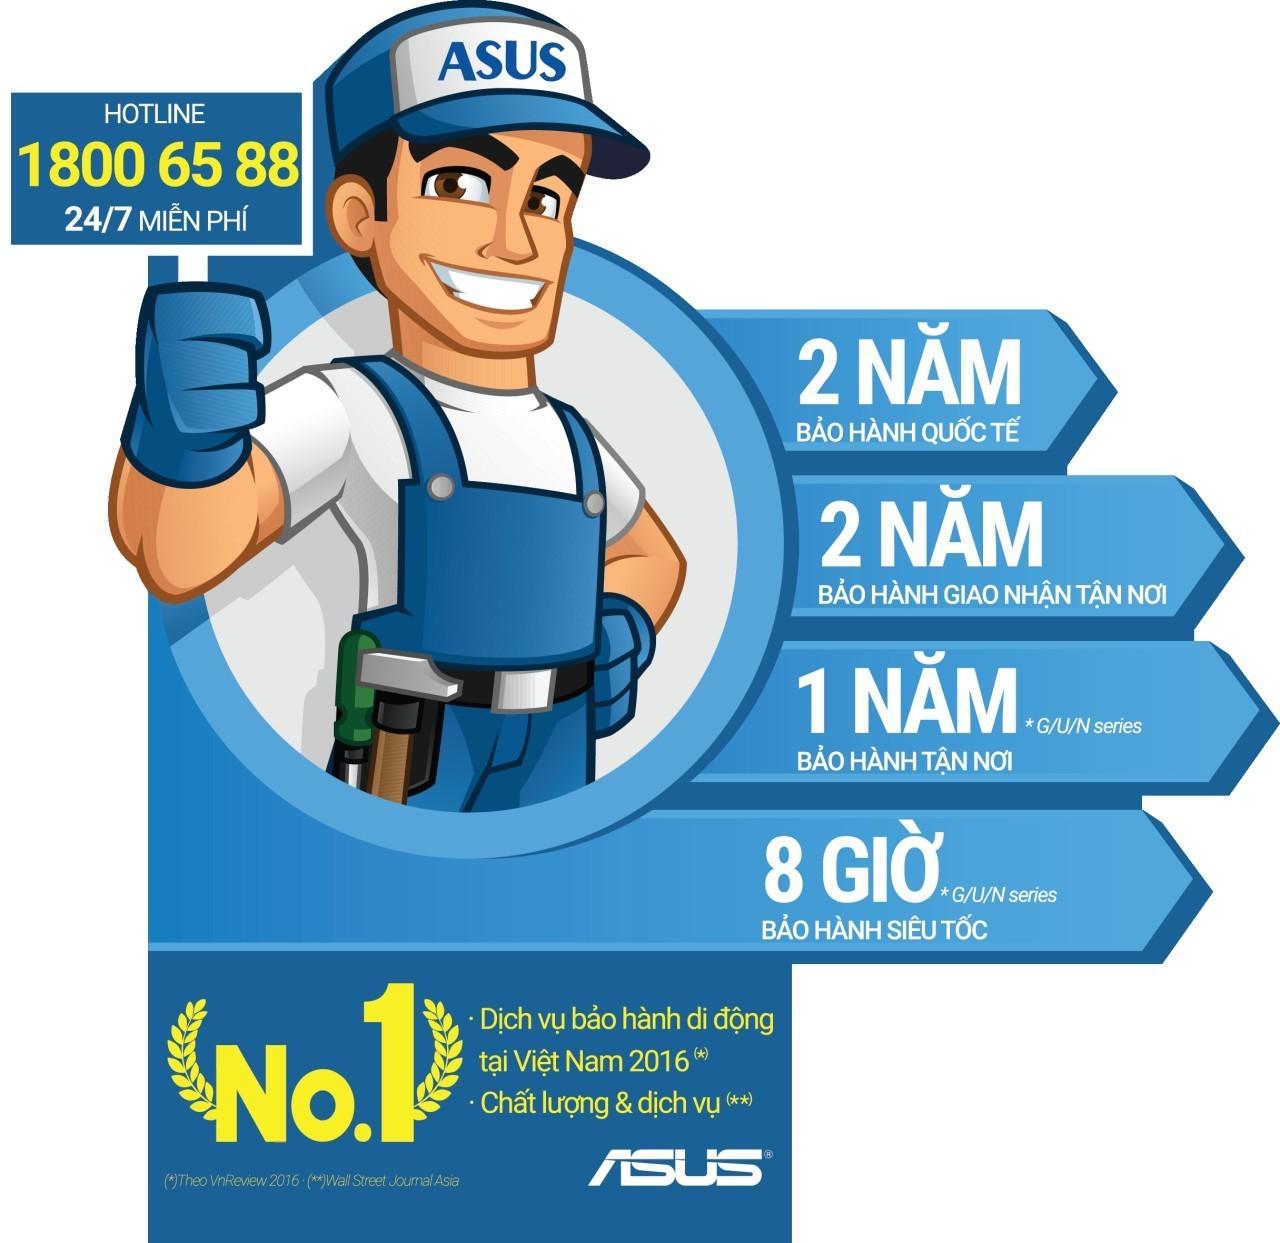 ASUS đã có Hotline miễn phí và 54 trung tâm Bảo hành